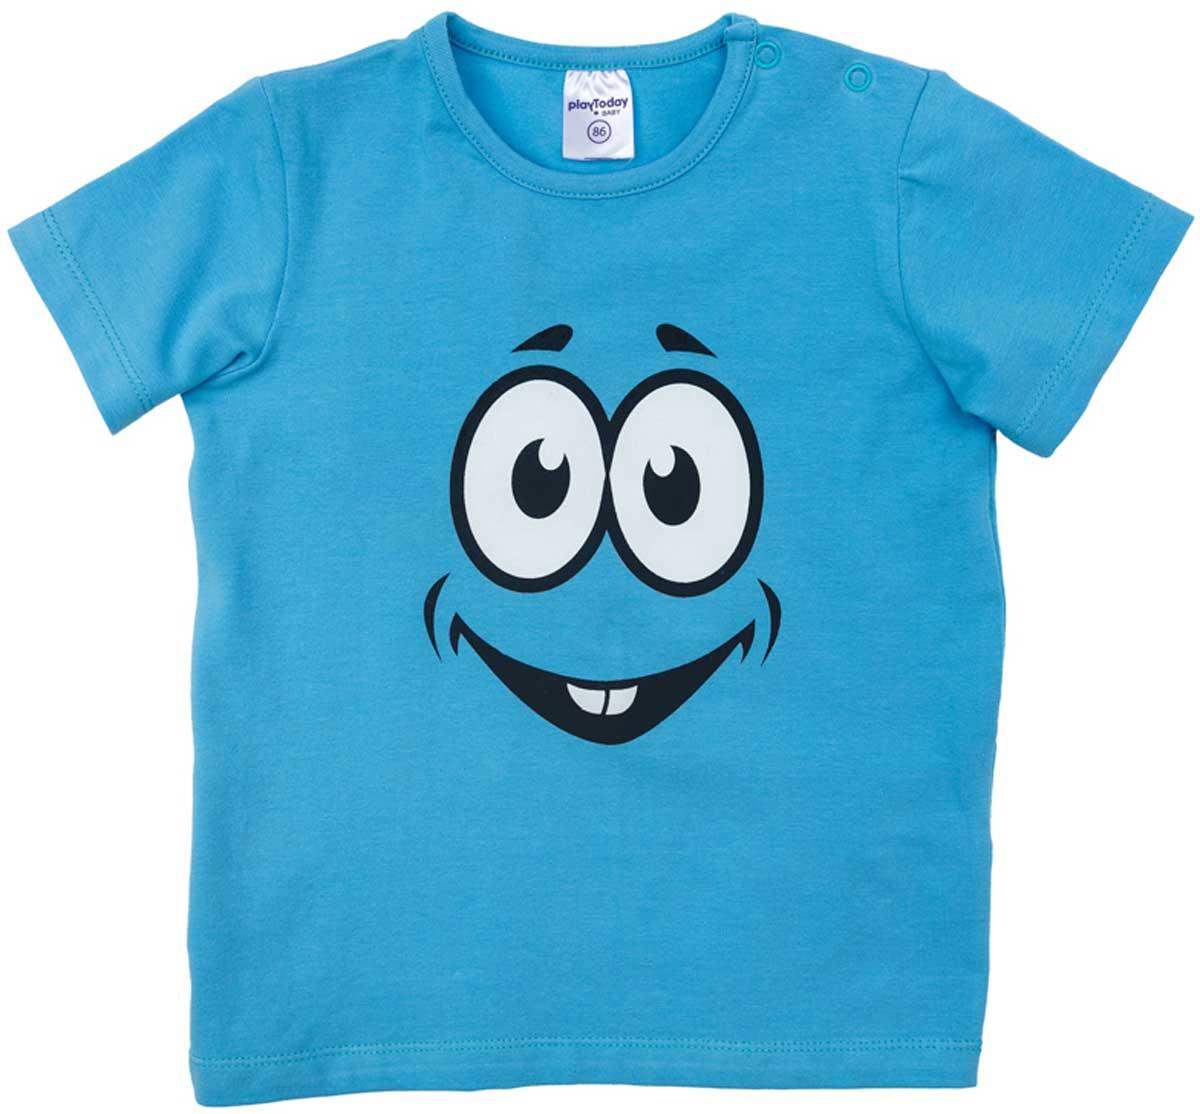 Футболка для мальчика PlayToday, цвет: голубой, белый, черный. 177069. Размер 74177069Футболка для мальчика PlayToday выполнена из эластичного хлопка. Модель с круглым вырезом горловины и короткими рукавами оформлена оригинальным принтом.